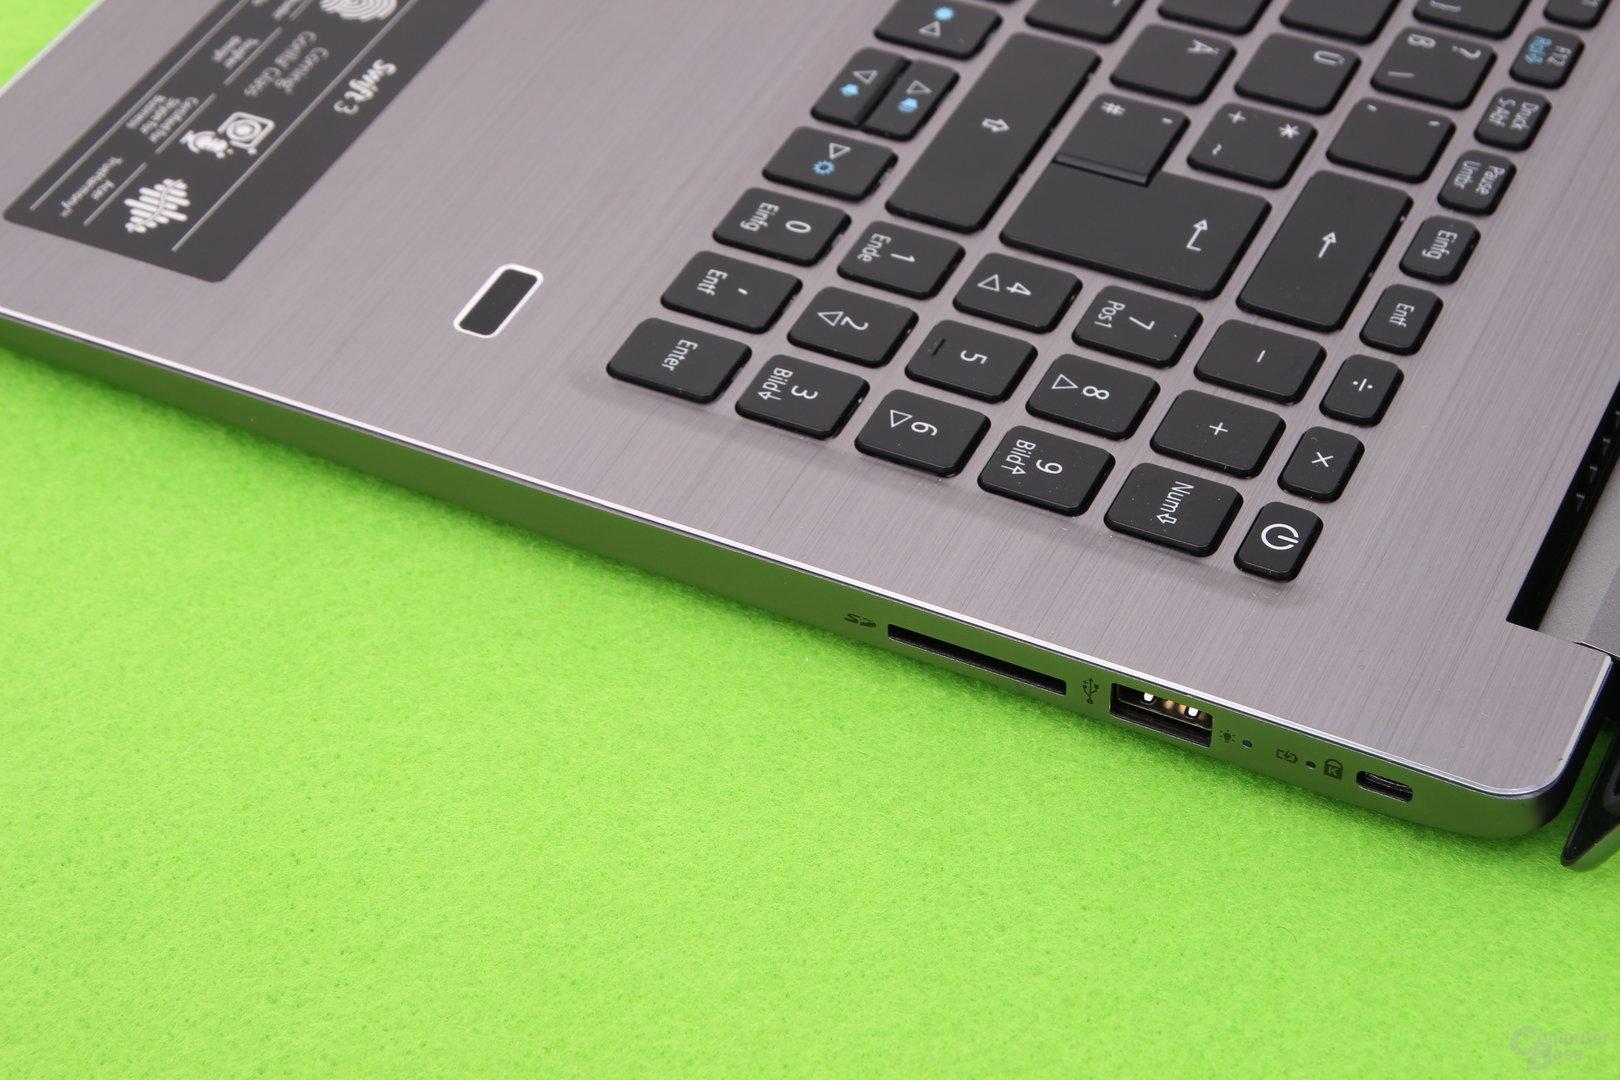 Nochmal USB Typ A und SD-Kartenleser rechts